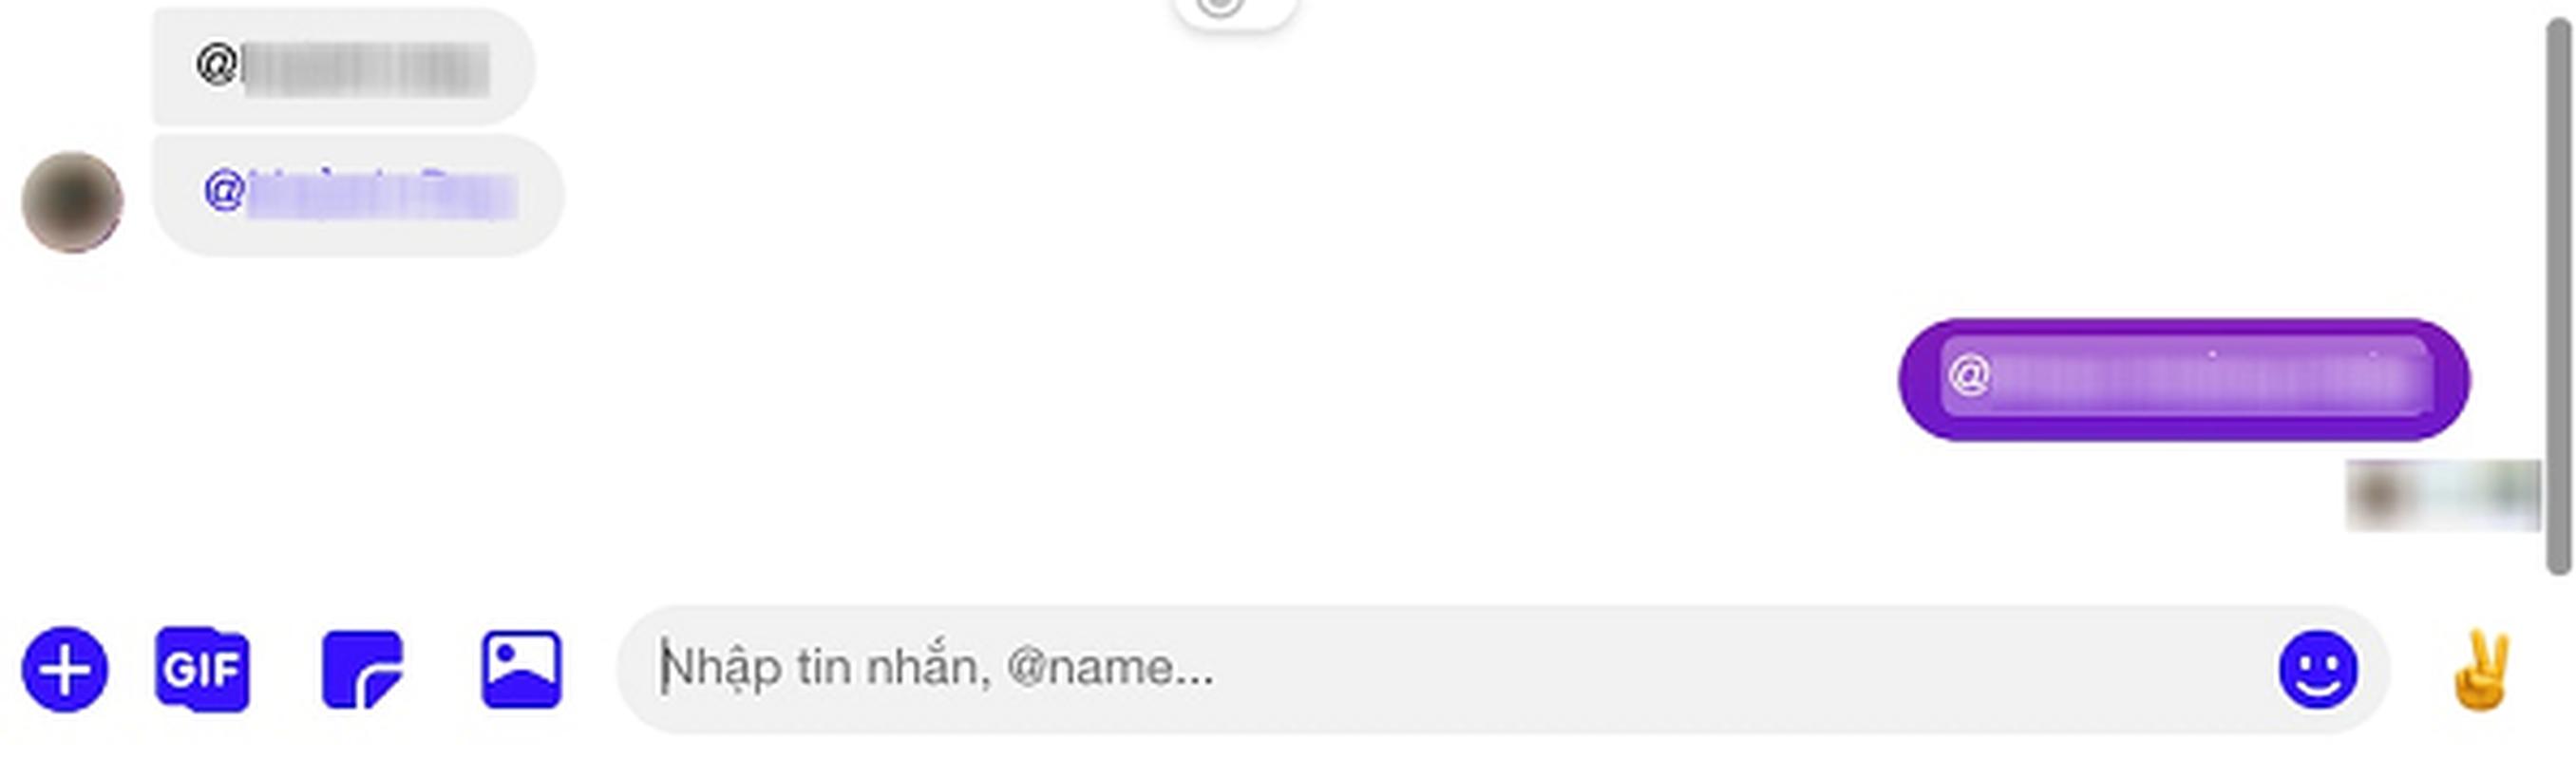 Facebook Messenger bi loi: Cap nhat den... bao gio?-Hinh-5